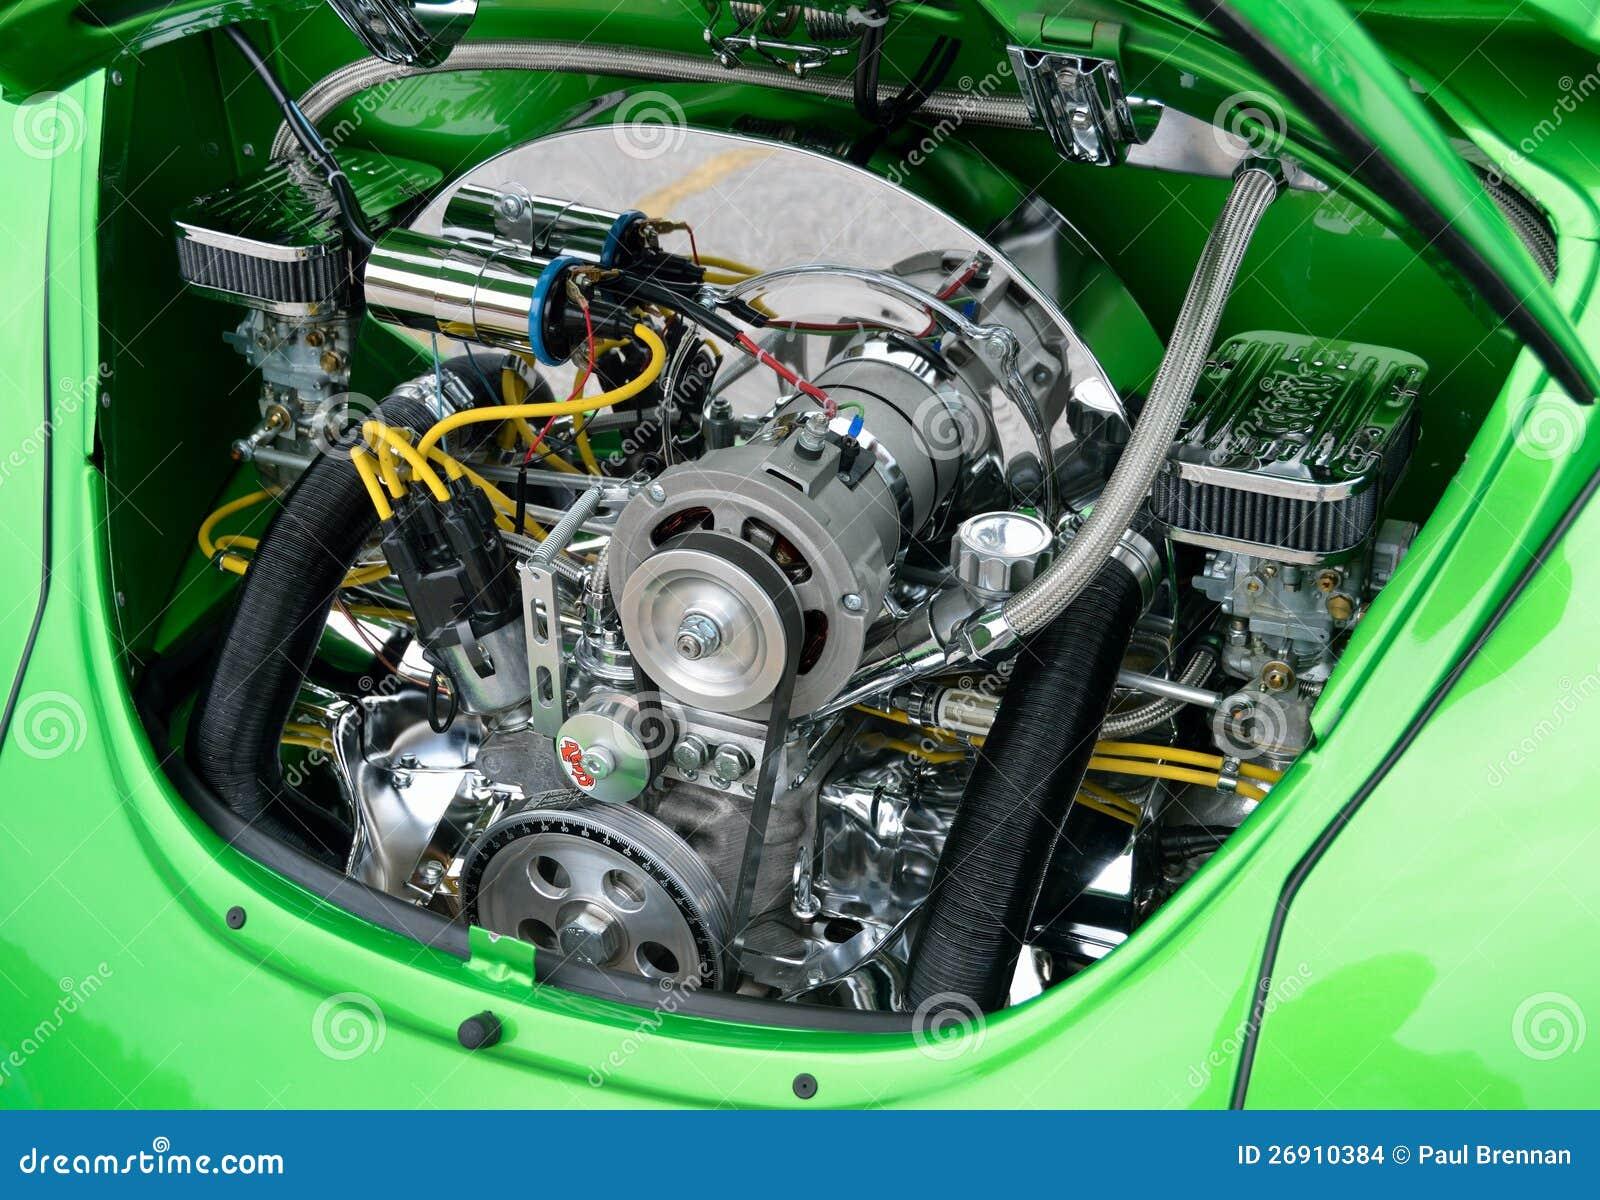 motor restablecido del escarabajo de volkswagen imagen de On motor volkswagen escarabajo